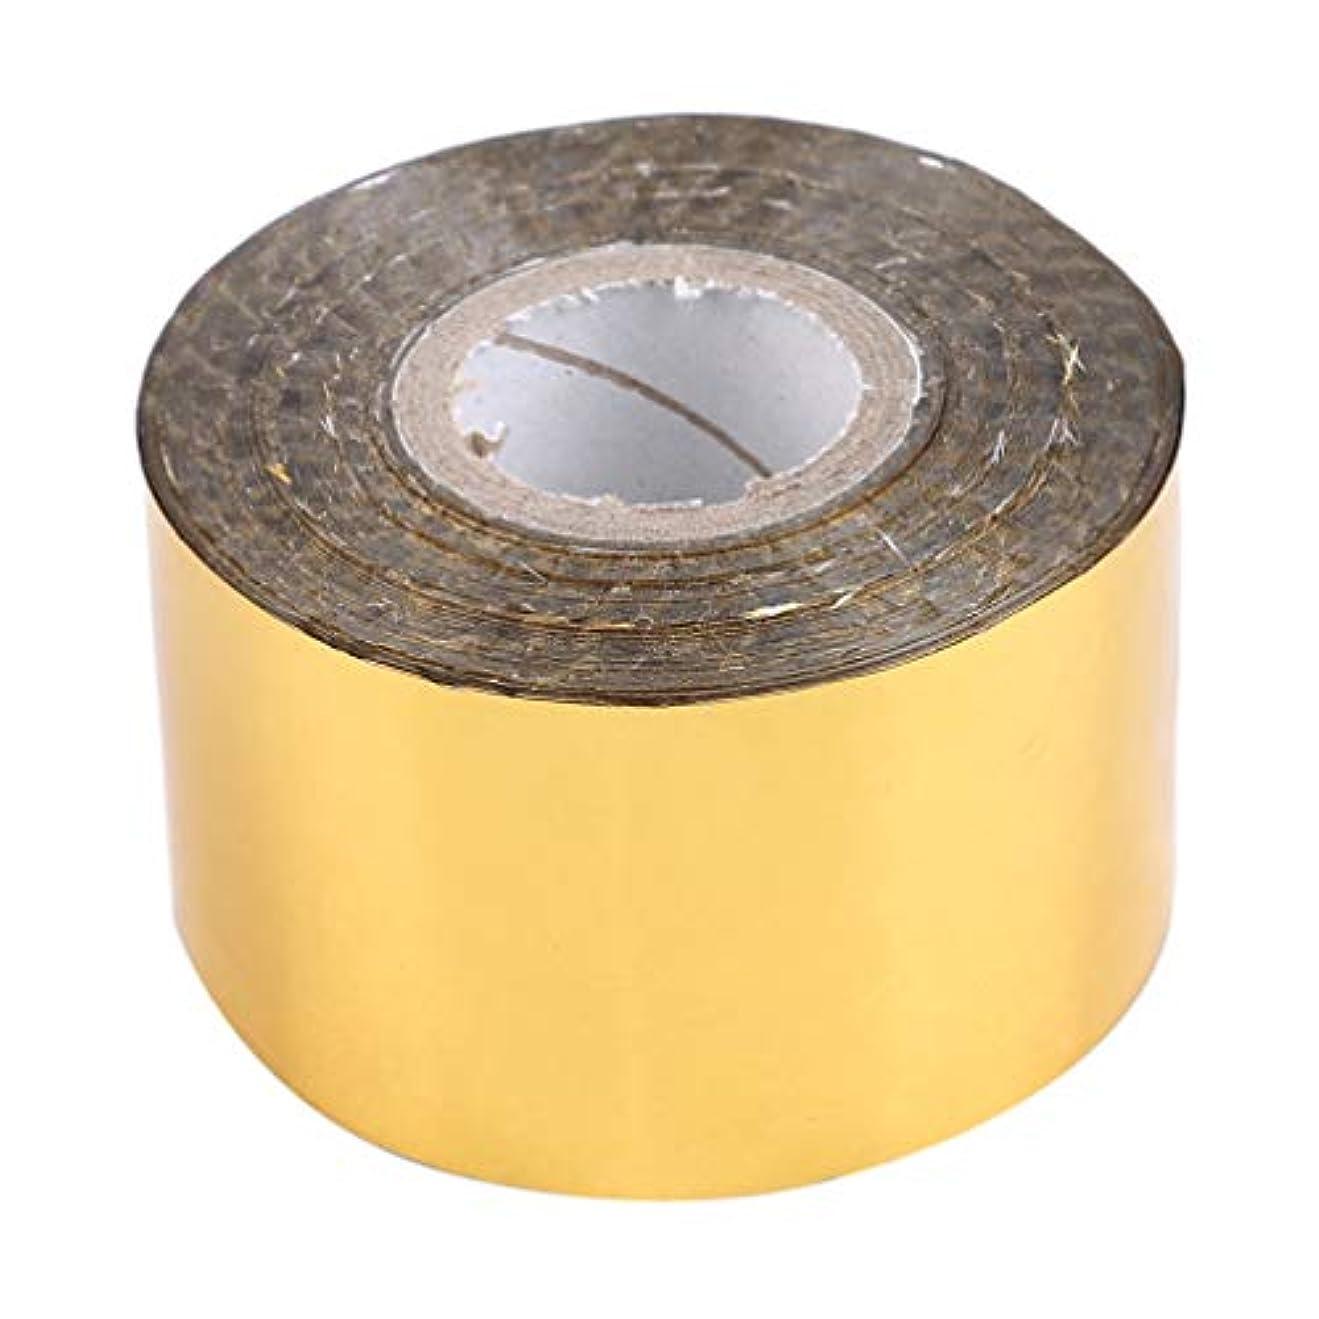 調停する思想動詞LJSLYJ 4センチ* 120メートルホログラフィックロール星空ネイル箔ストライプネイルアート転送ステッカー、ゴールド